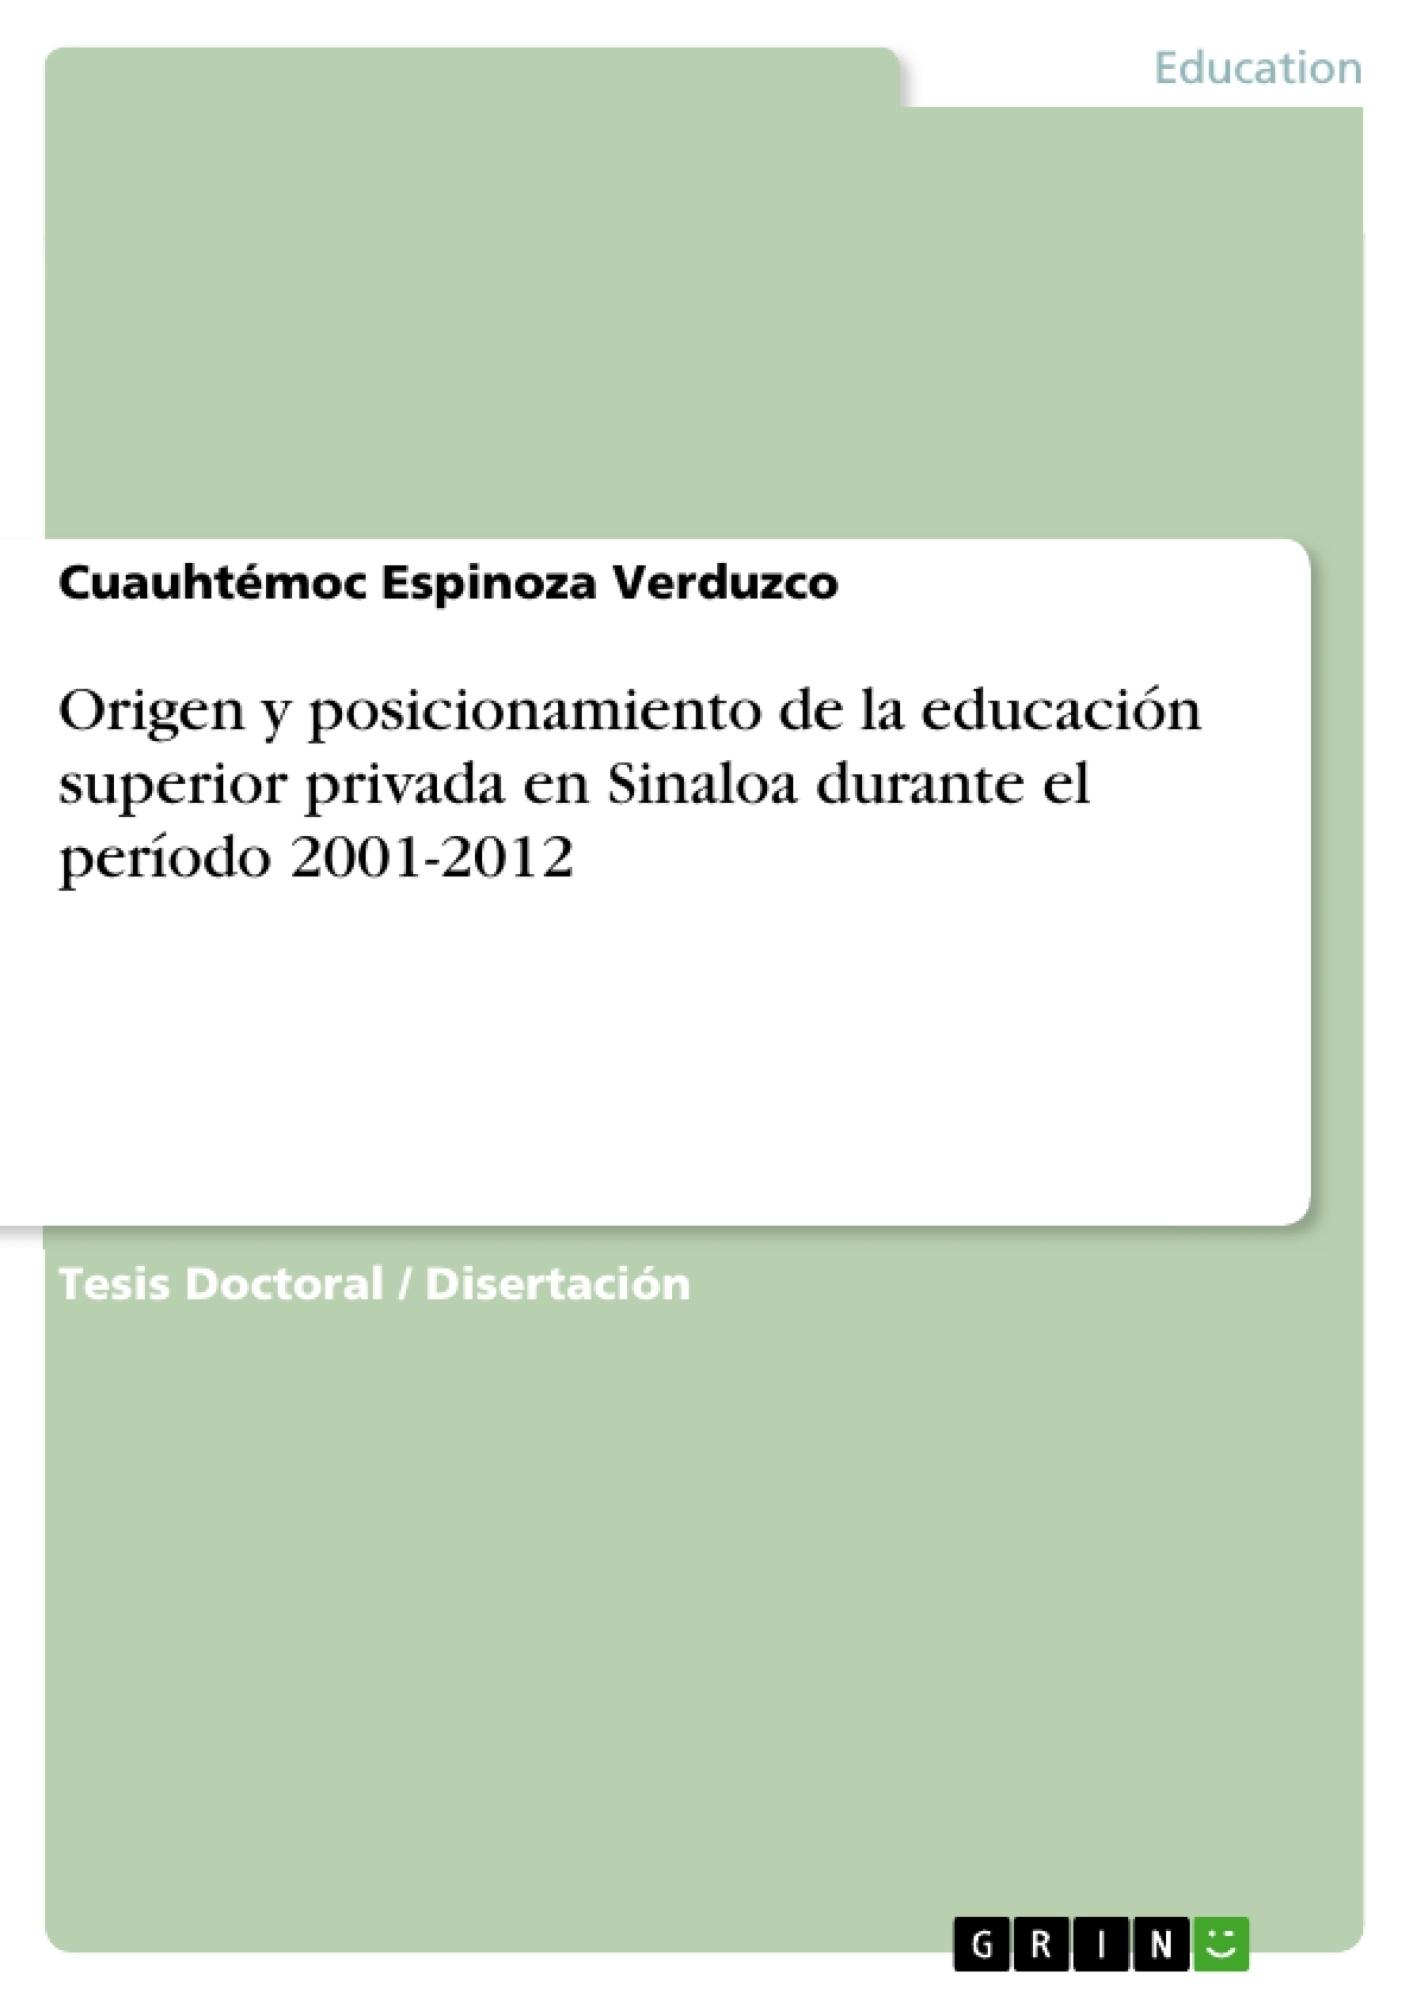 Título: Origen y posicionamiento de la educación superior privada en Sinaloa durante el período 2001-2012